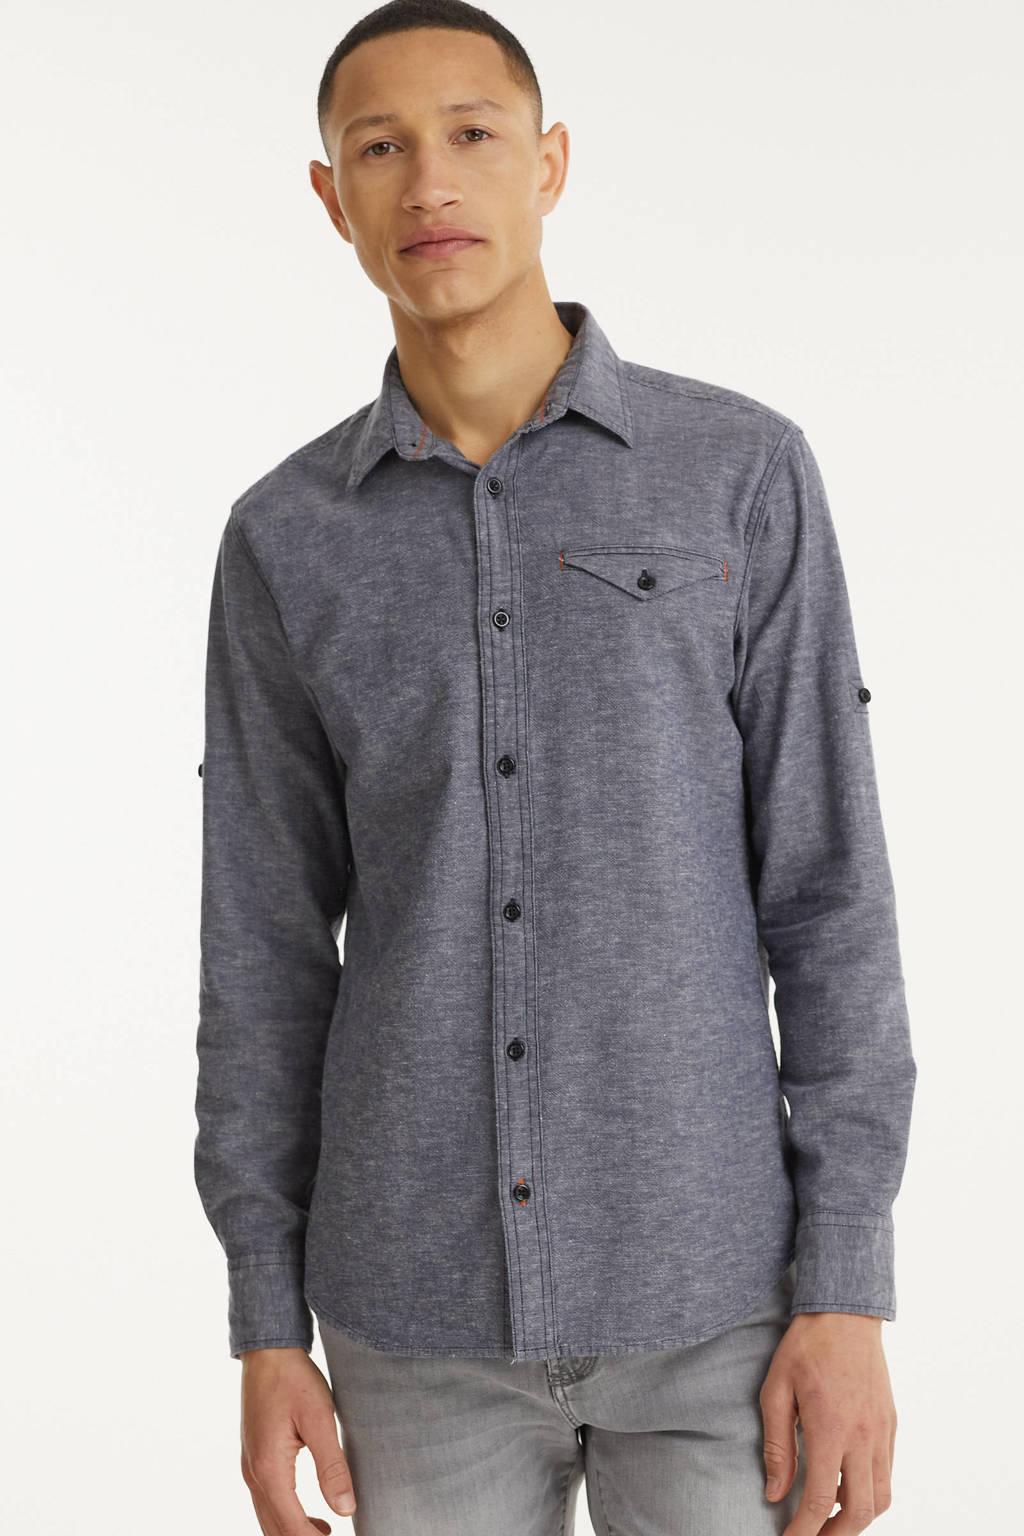 JACK & JONES ORIGINALS gemêleerd slim fit overhemd Fort donkerblauw, Donkerblauw